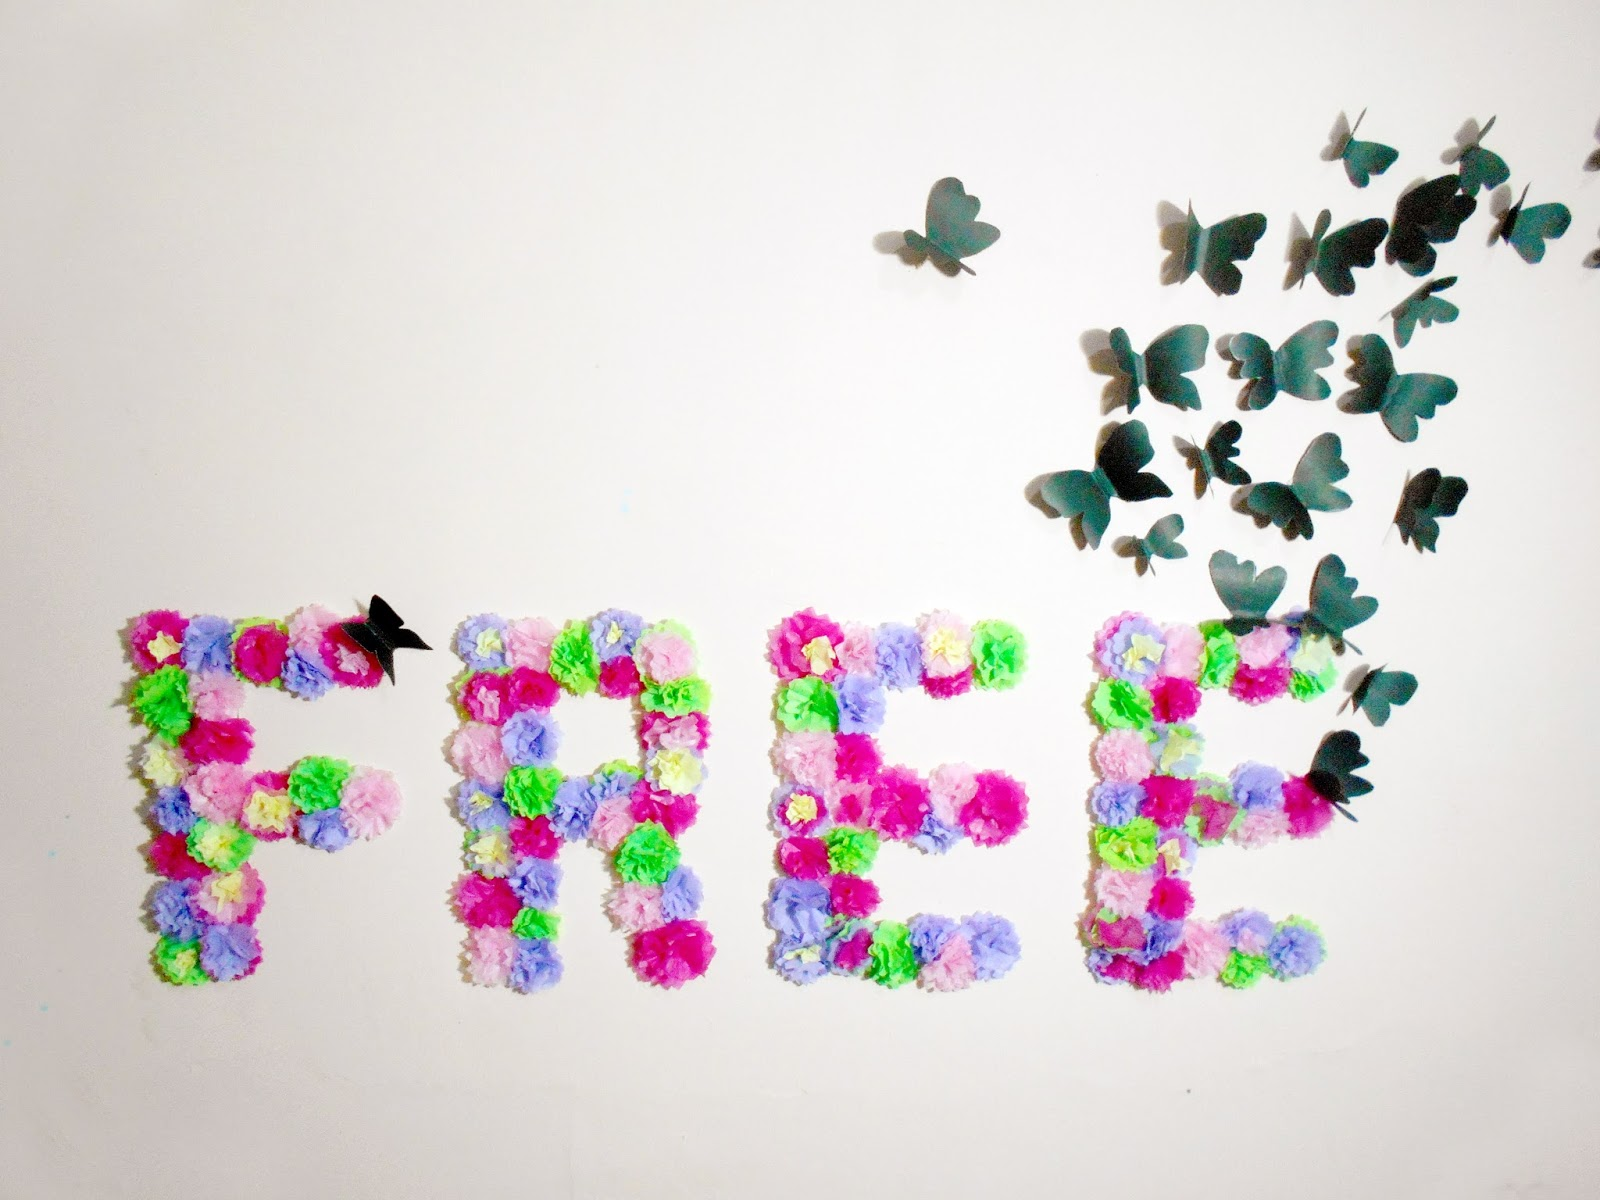 DIY Paper Flowers and Butterflies Wall Art